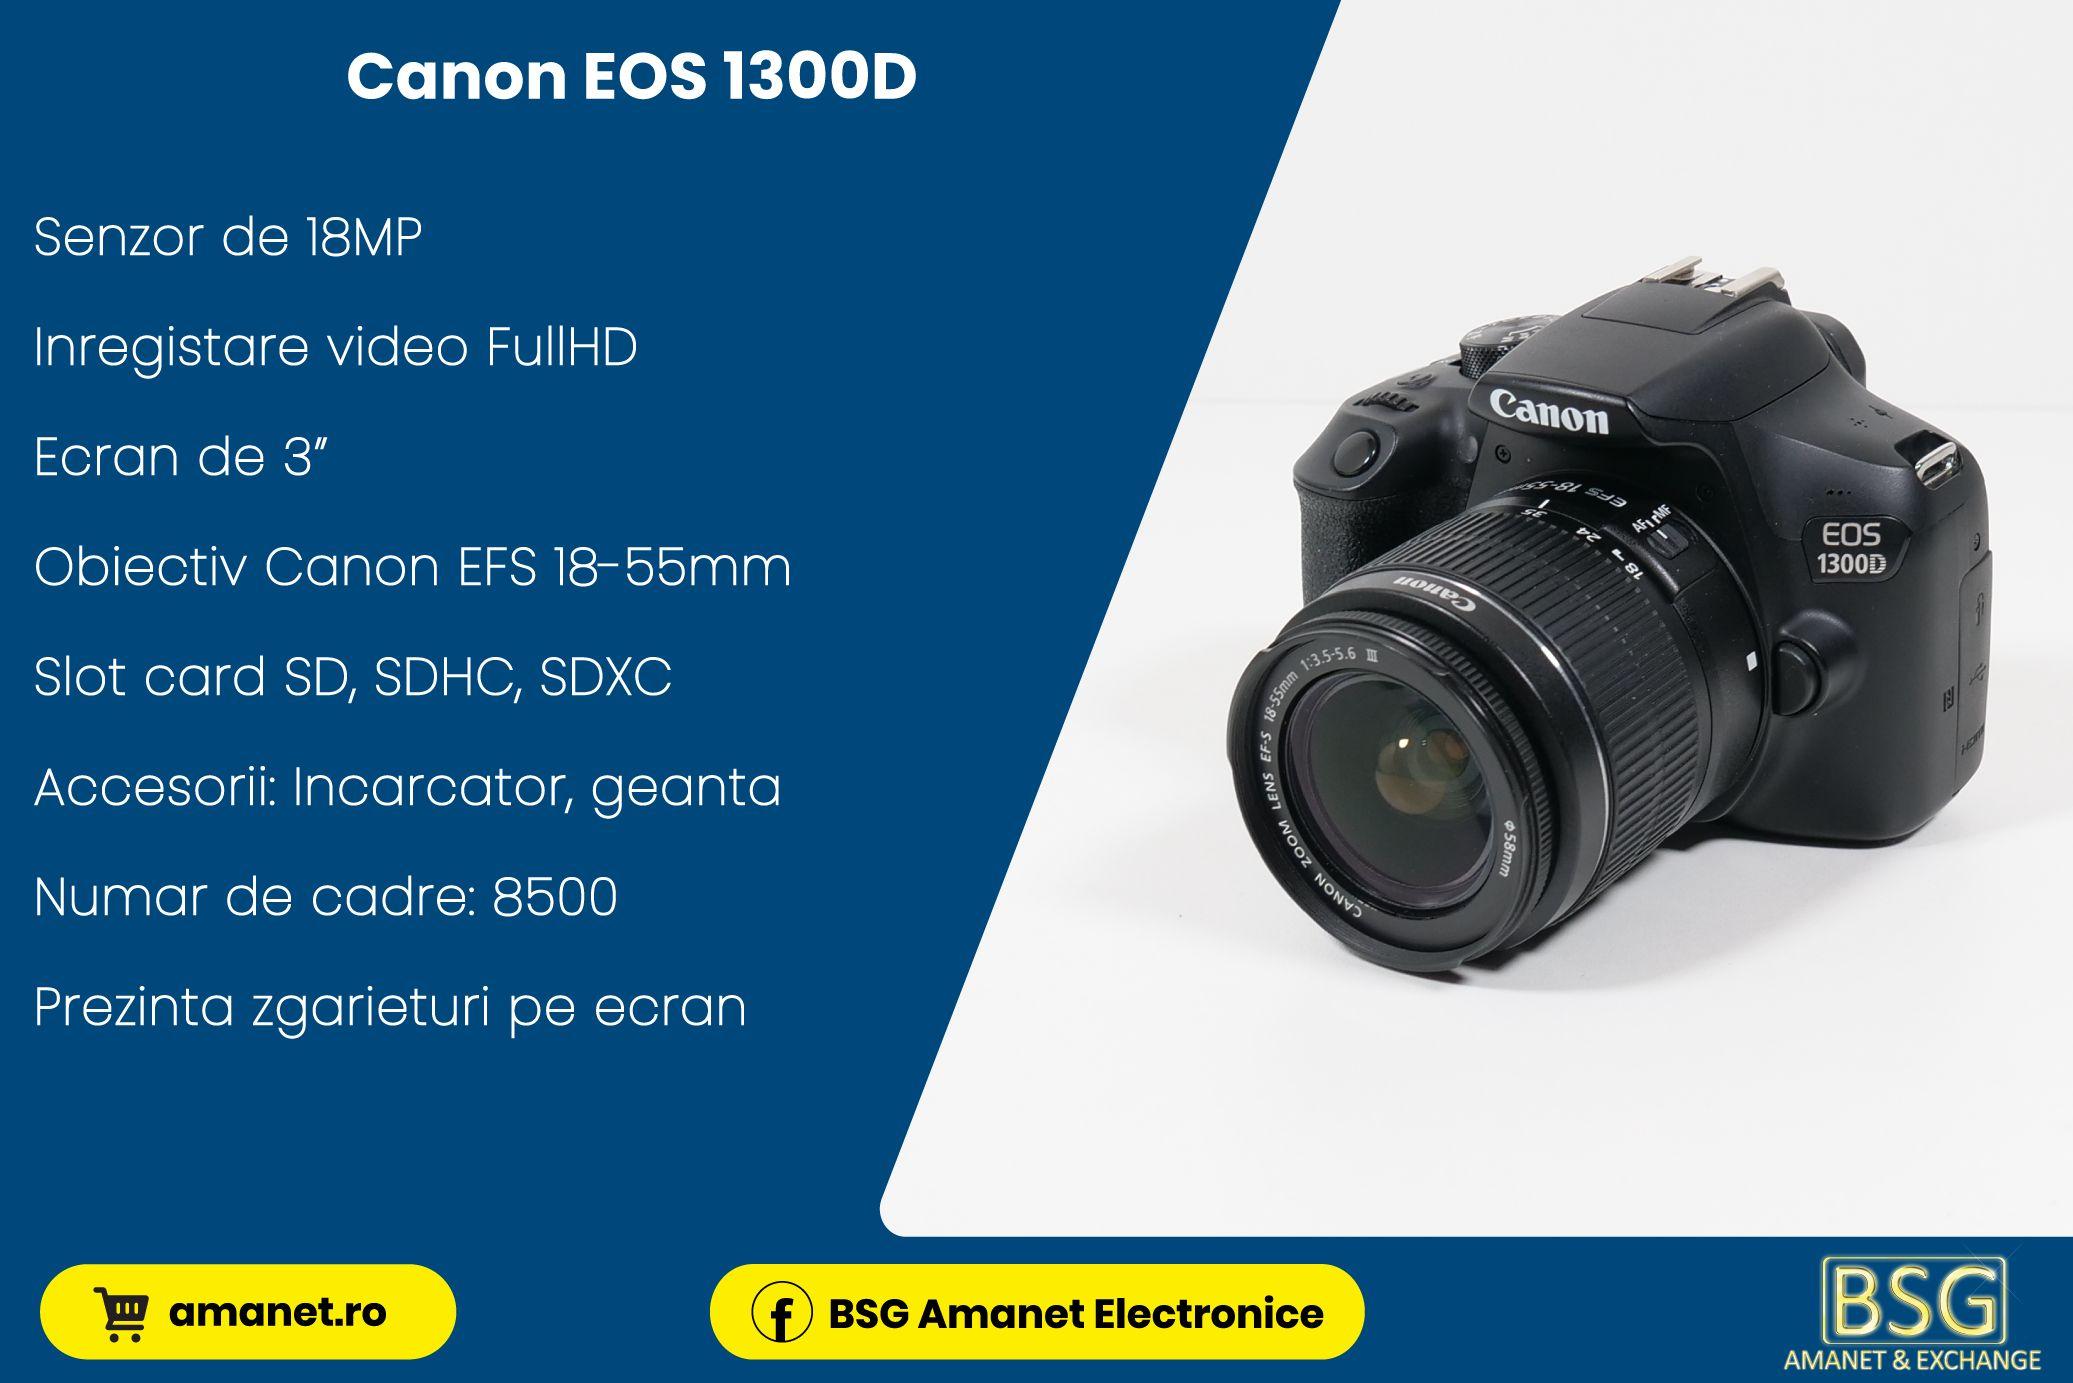 Ap. Foto Canon EOS 1300D - BSG Amanet & Exchange